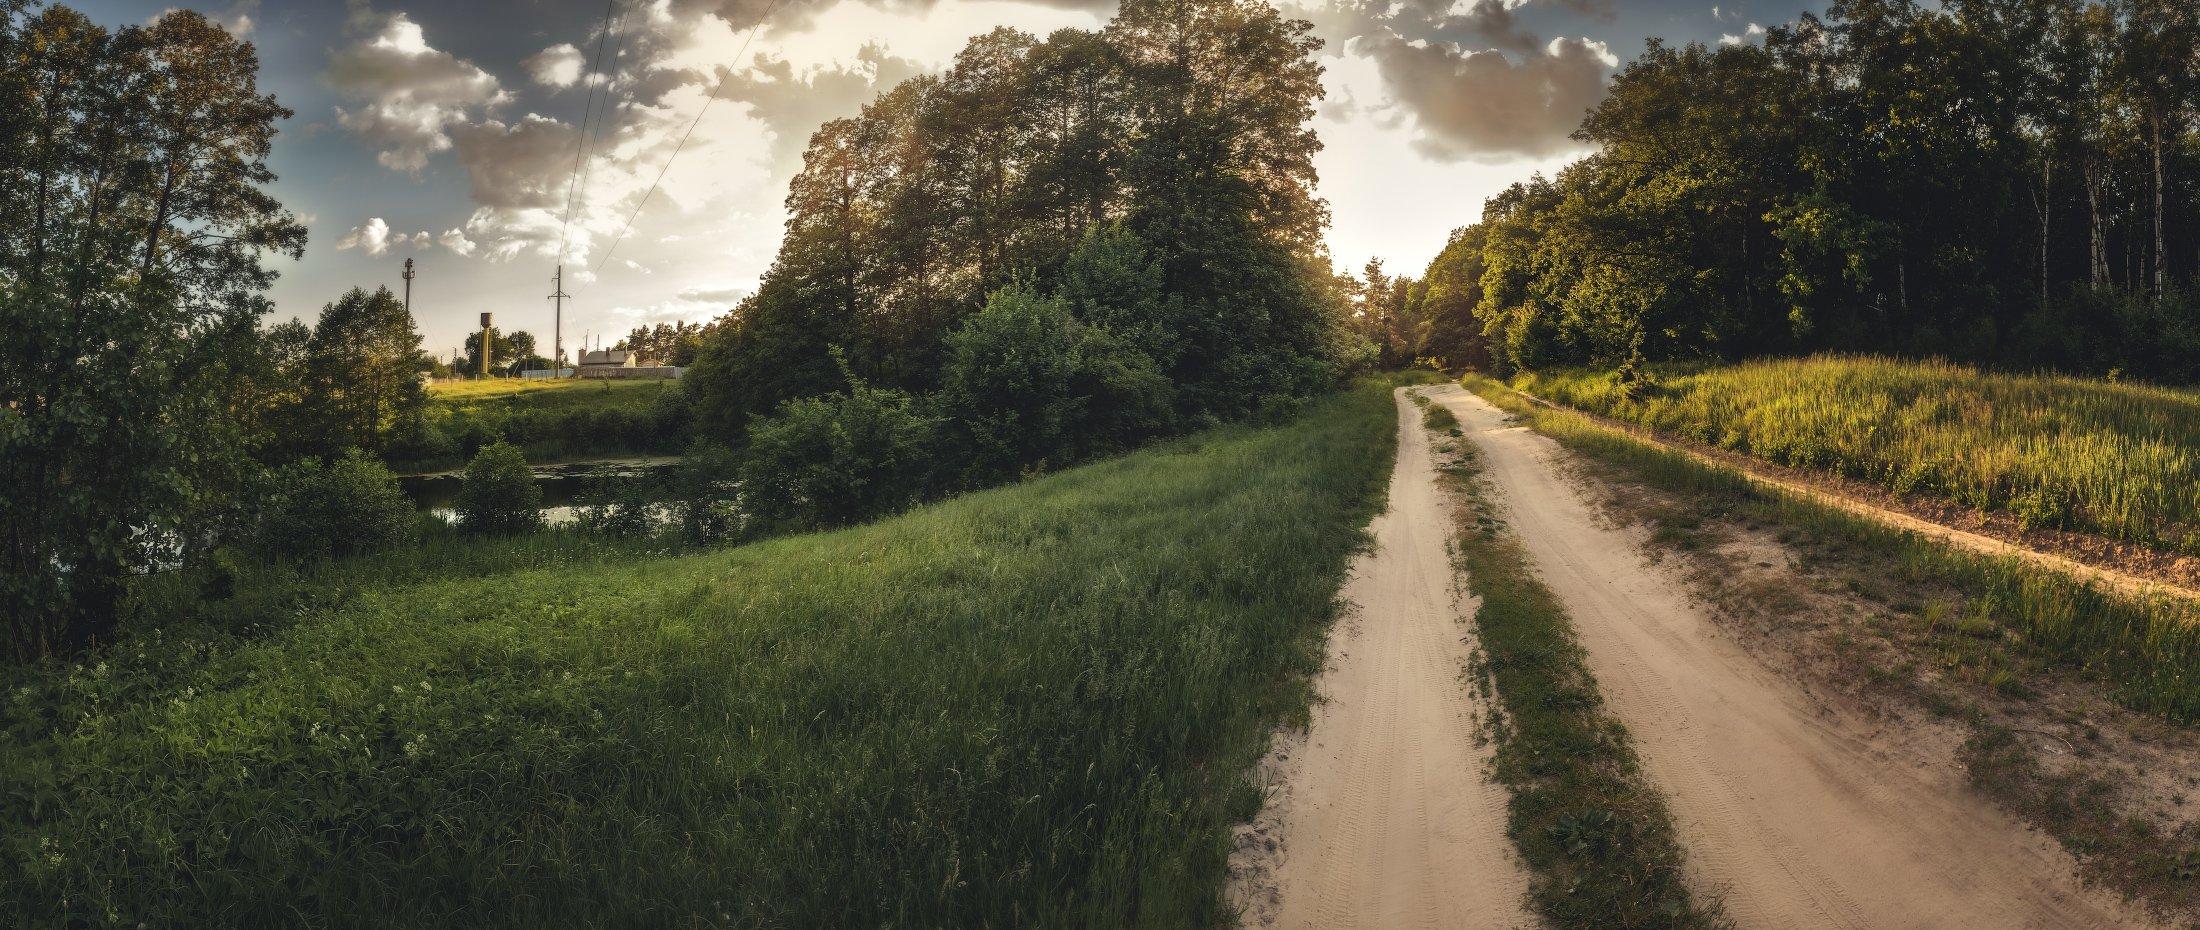 панорама, лето, вечер, закат, Андрей Кровлин